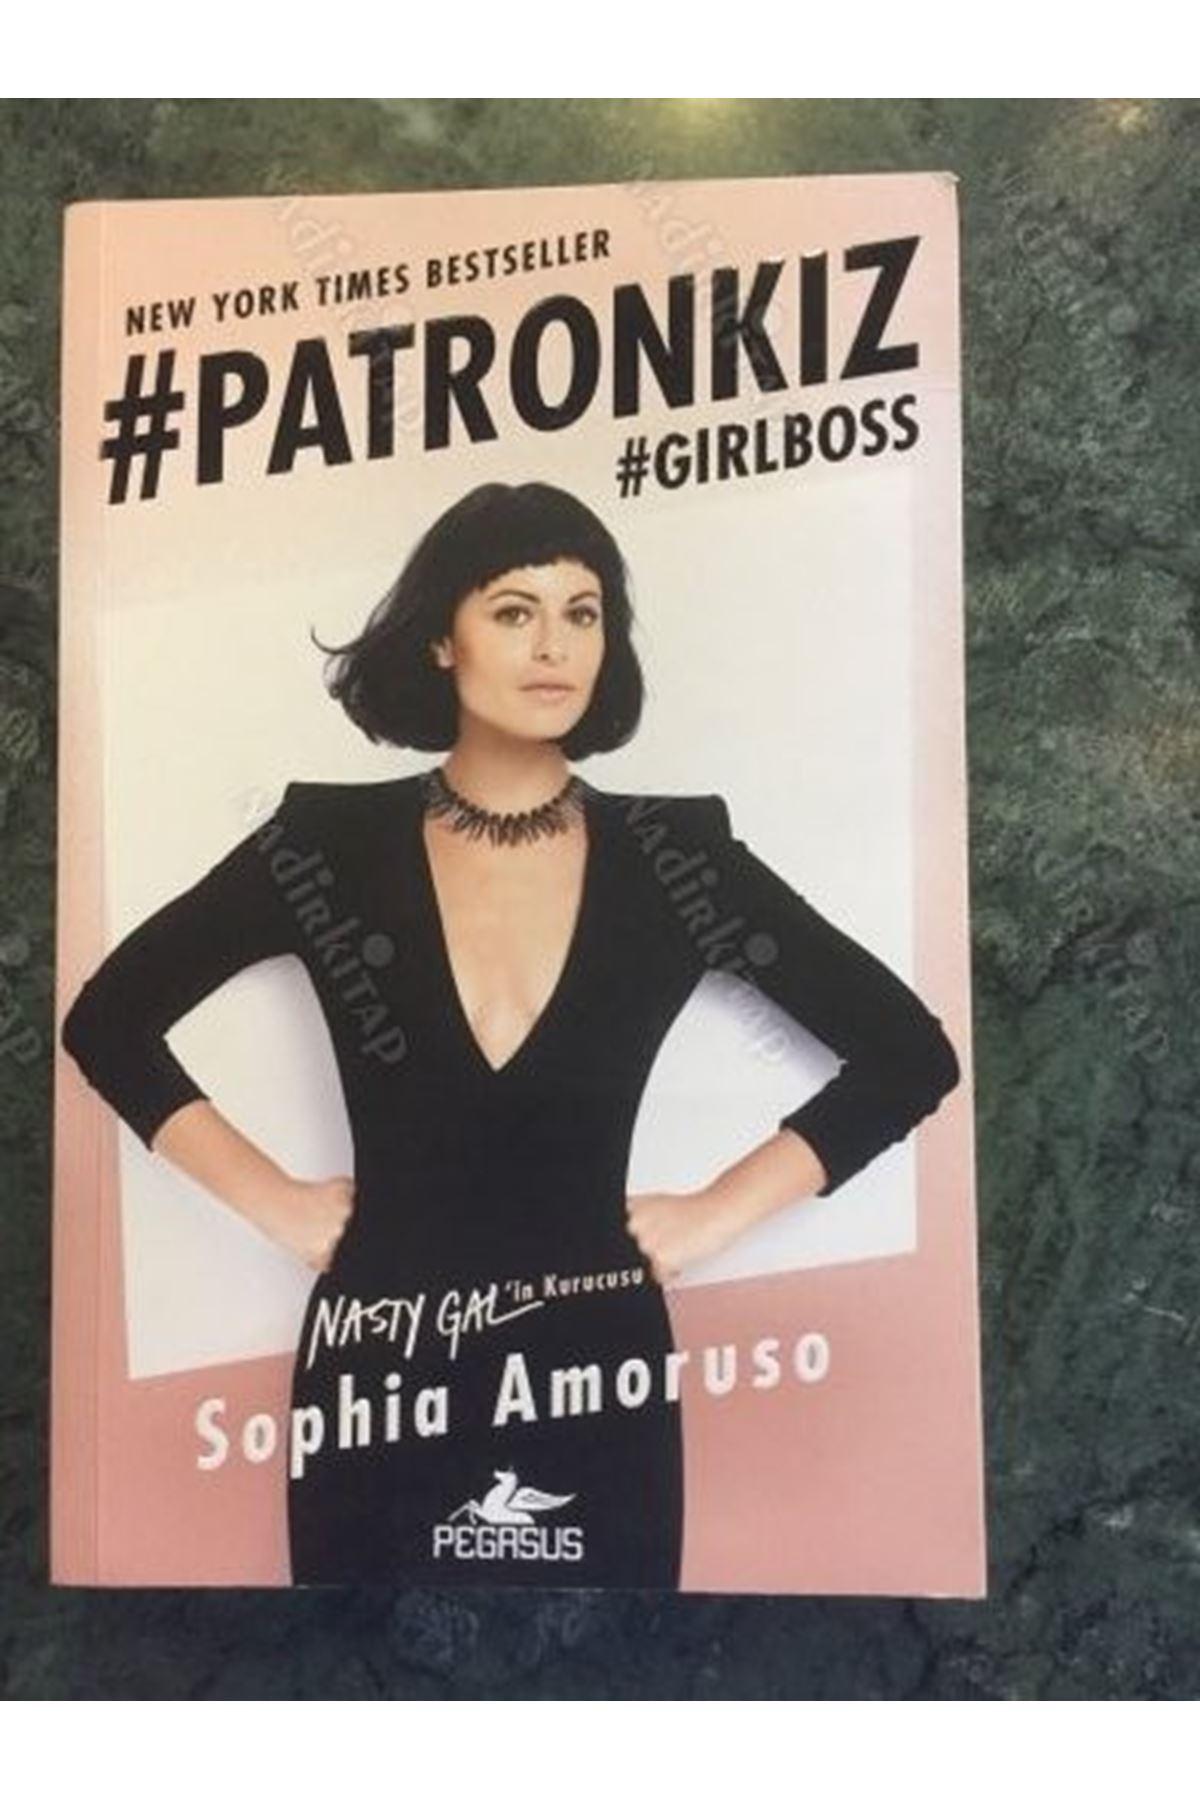 SOPHİA AMORUSO - PATRON KIZ